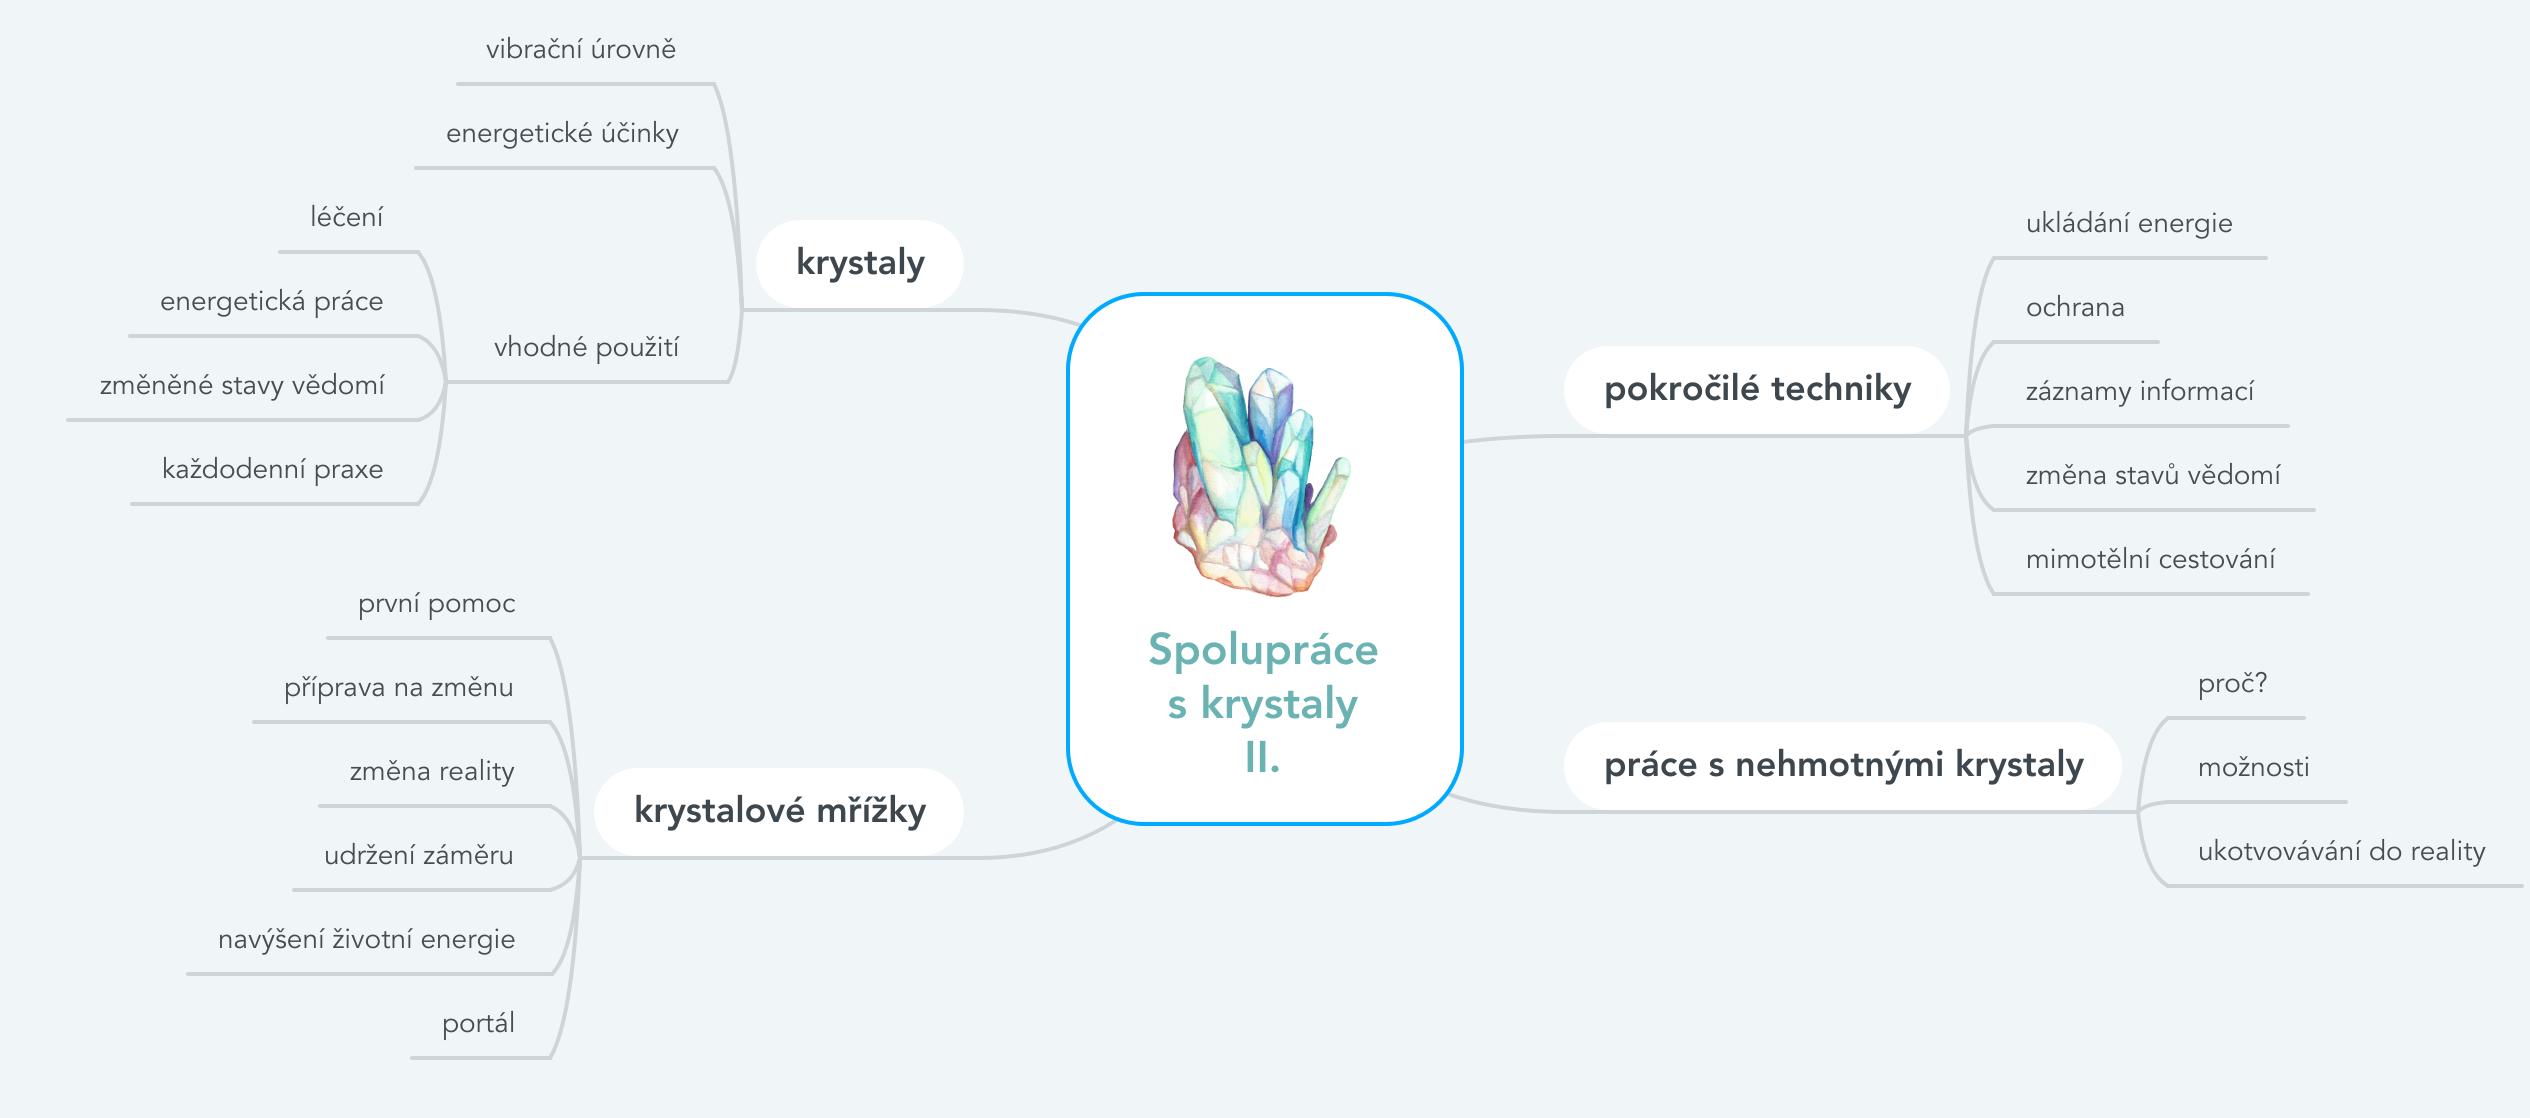 Spolupráce_s_krystaly_II.